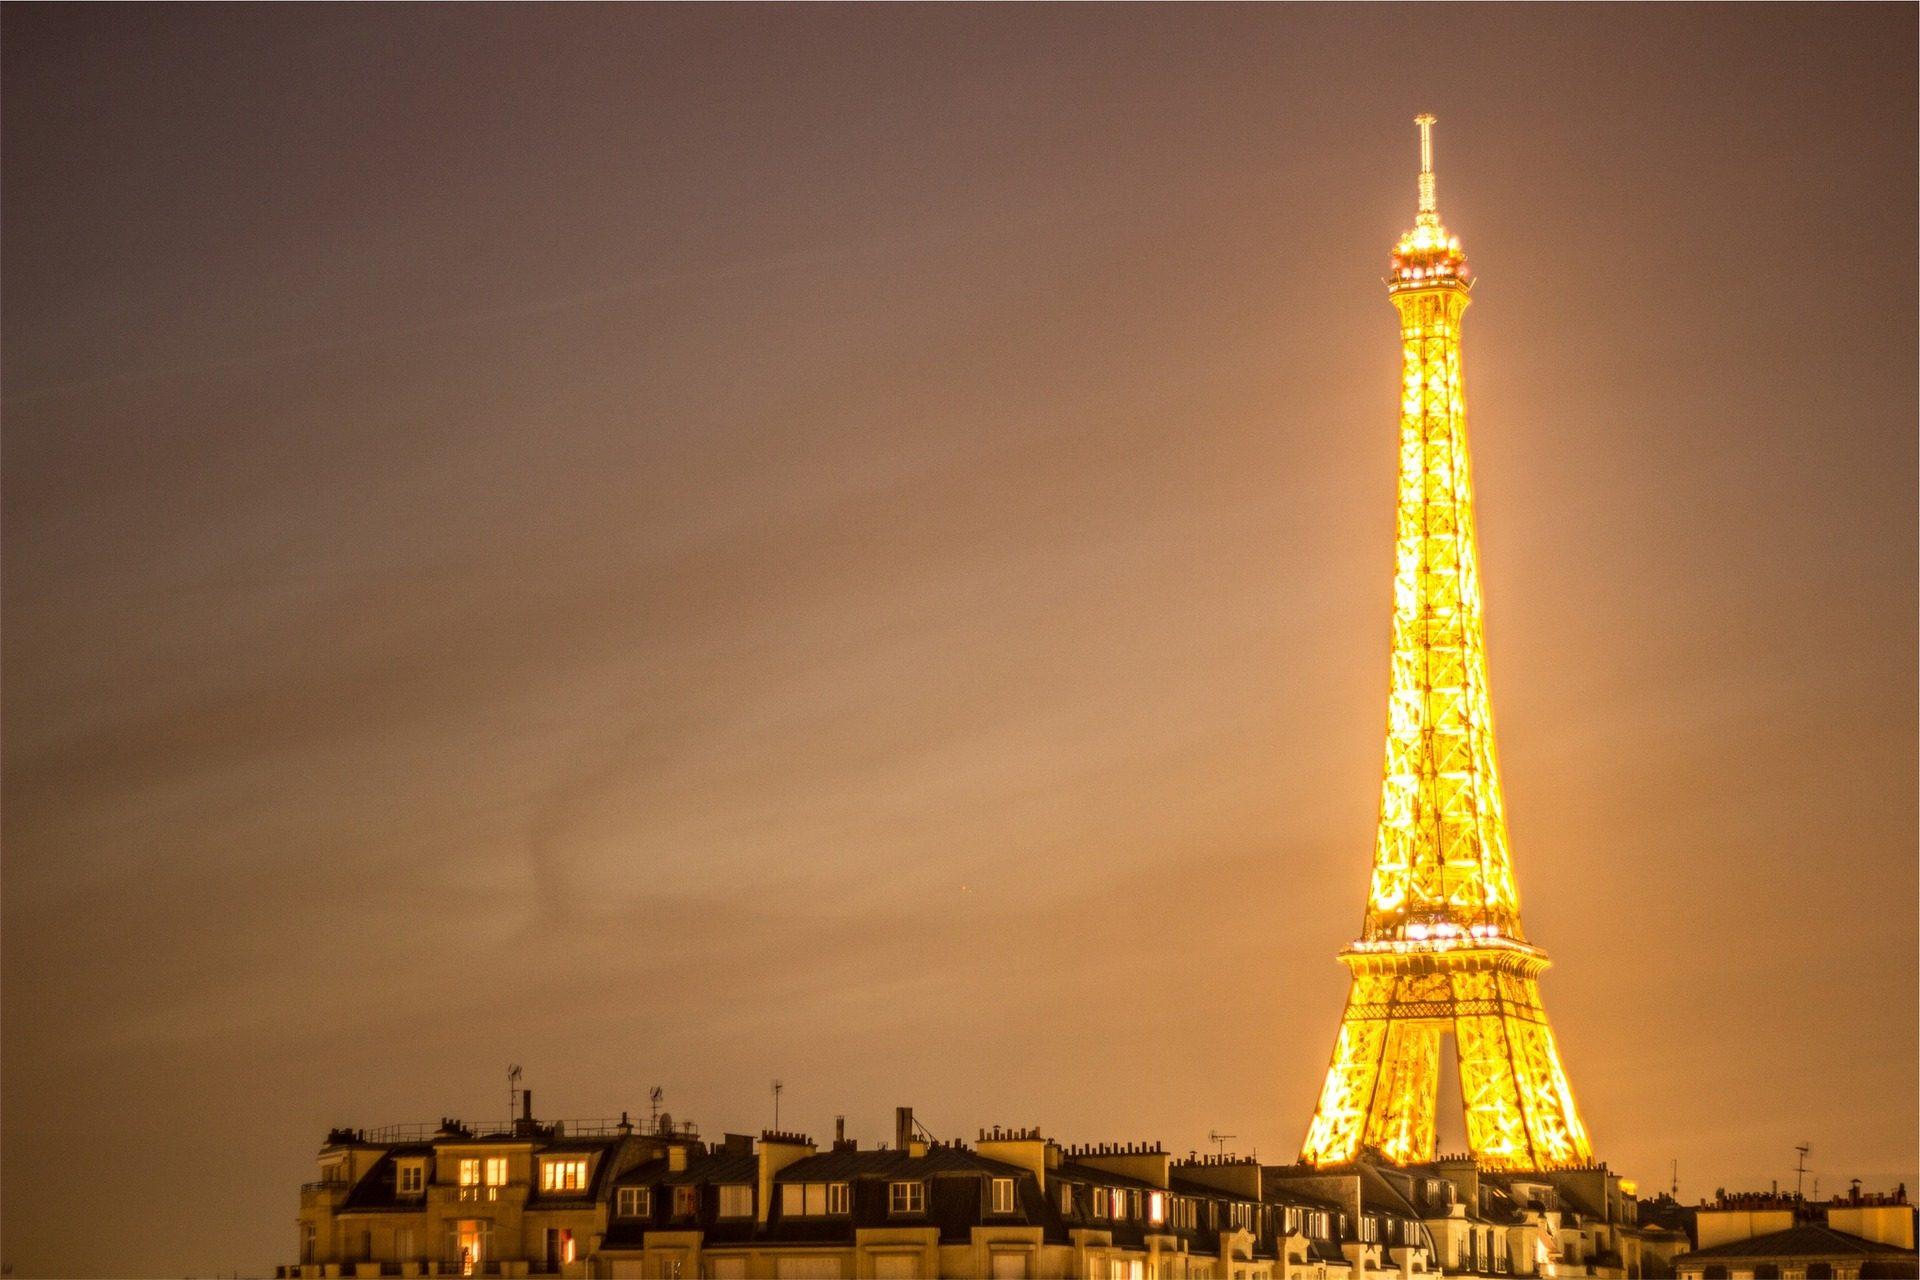 برج, إيفل, أضواء, مضيئة, ليلة, باريس - خلفيات عالية الدقة - أستاذ falken.com